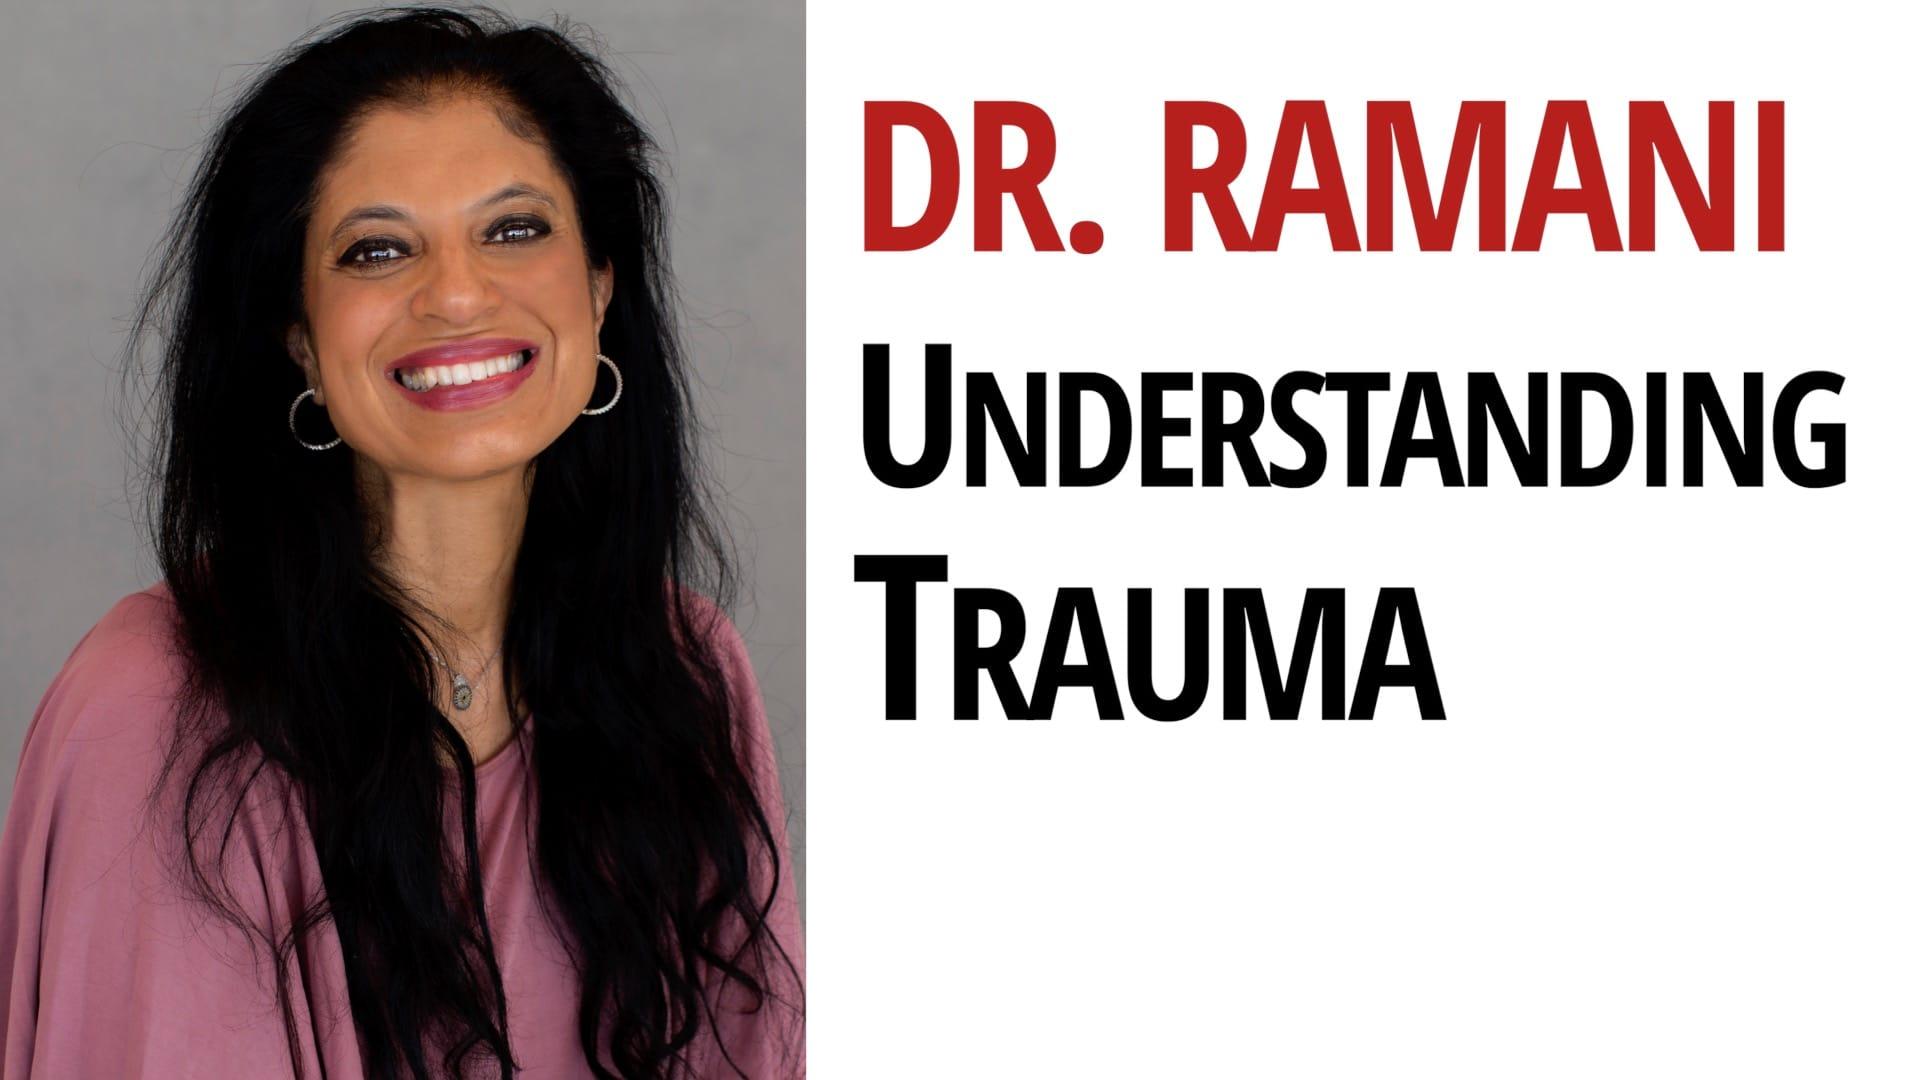 Dr. Ramani Durvasula Trauma